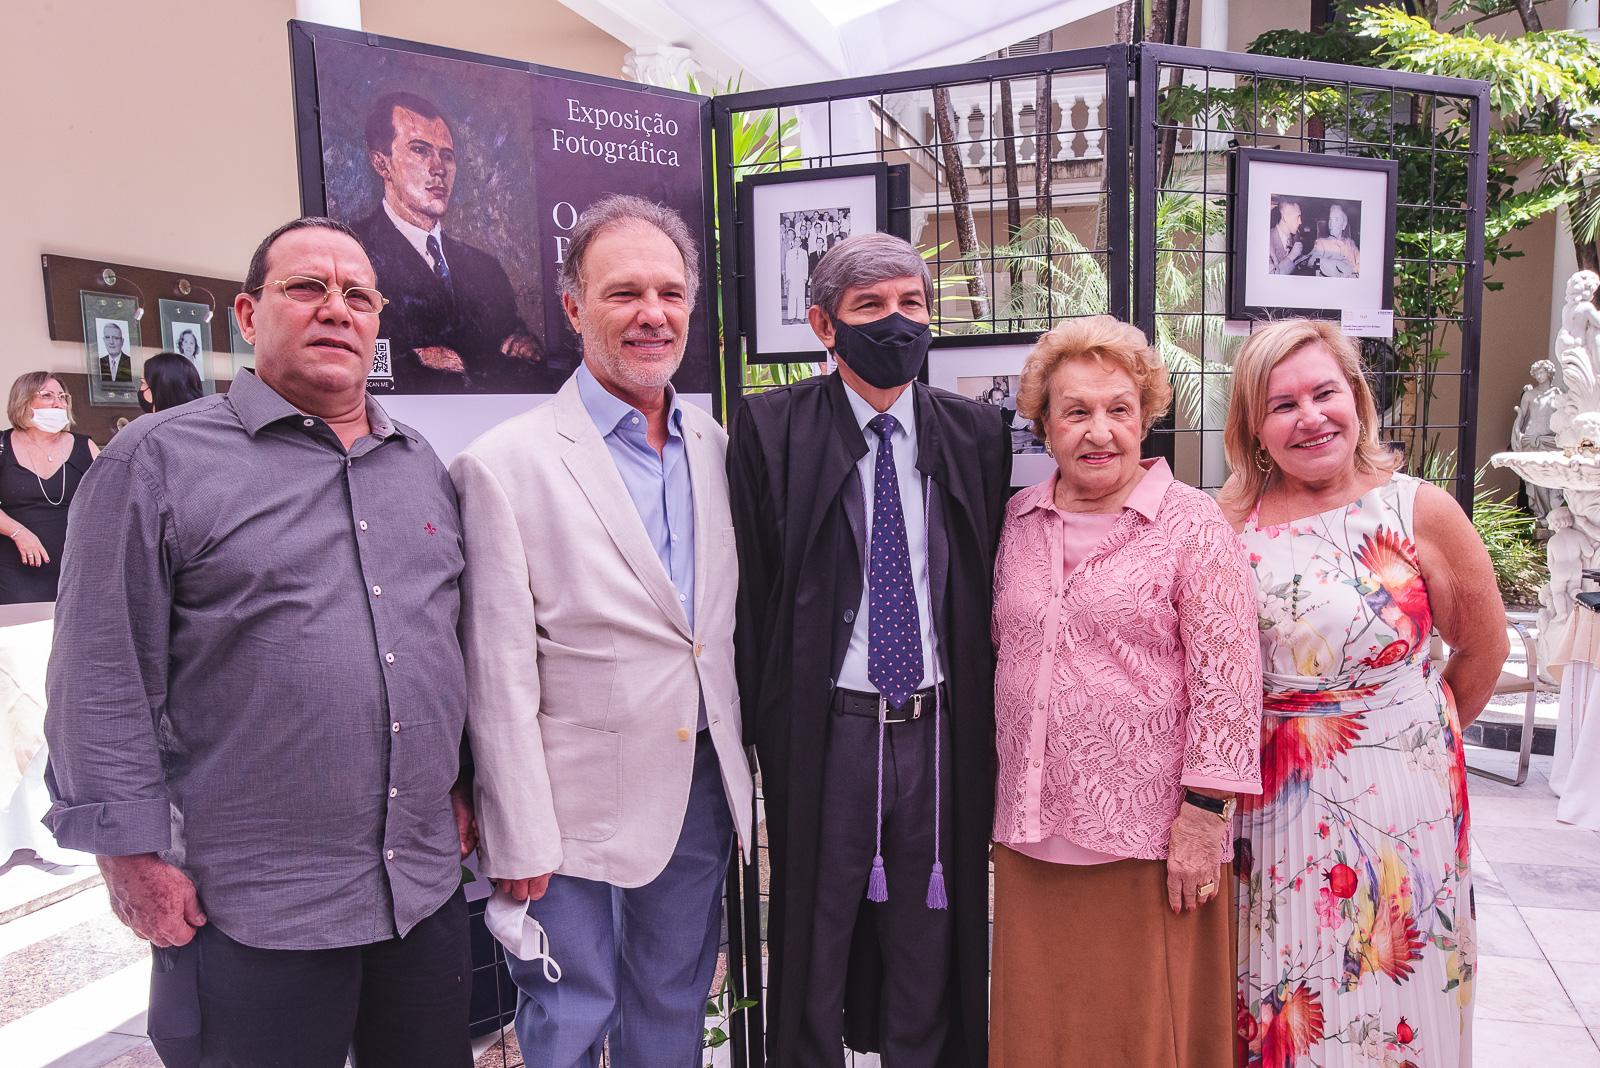 Tribunal Regional do Trabalho abre exposição em homenagem ao centenário de Osmundo Pontes